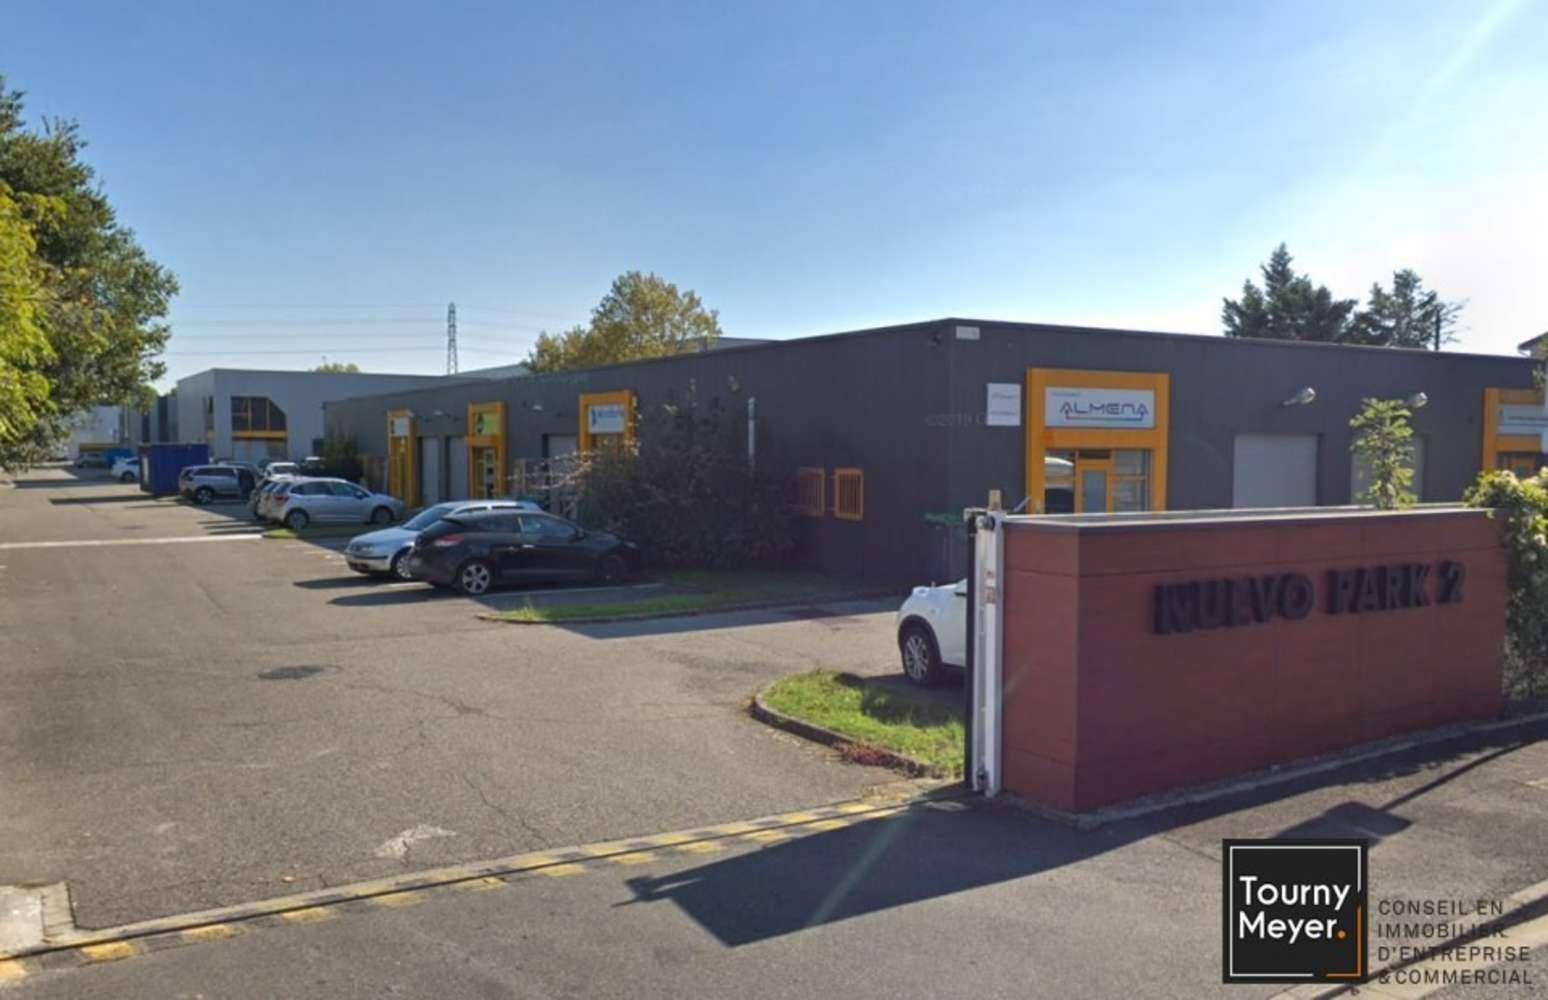 Activités/entrepôt Toulouse, 31100 - 58 CHEMIN DU CHAPITRE - 10856045